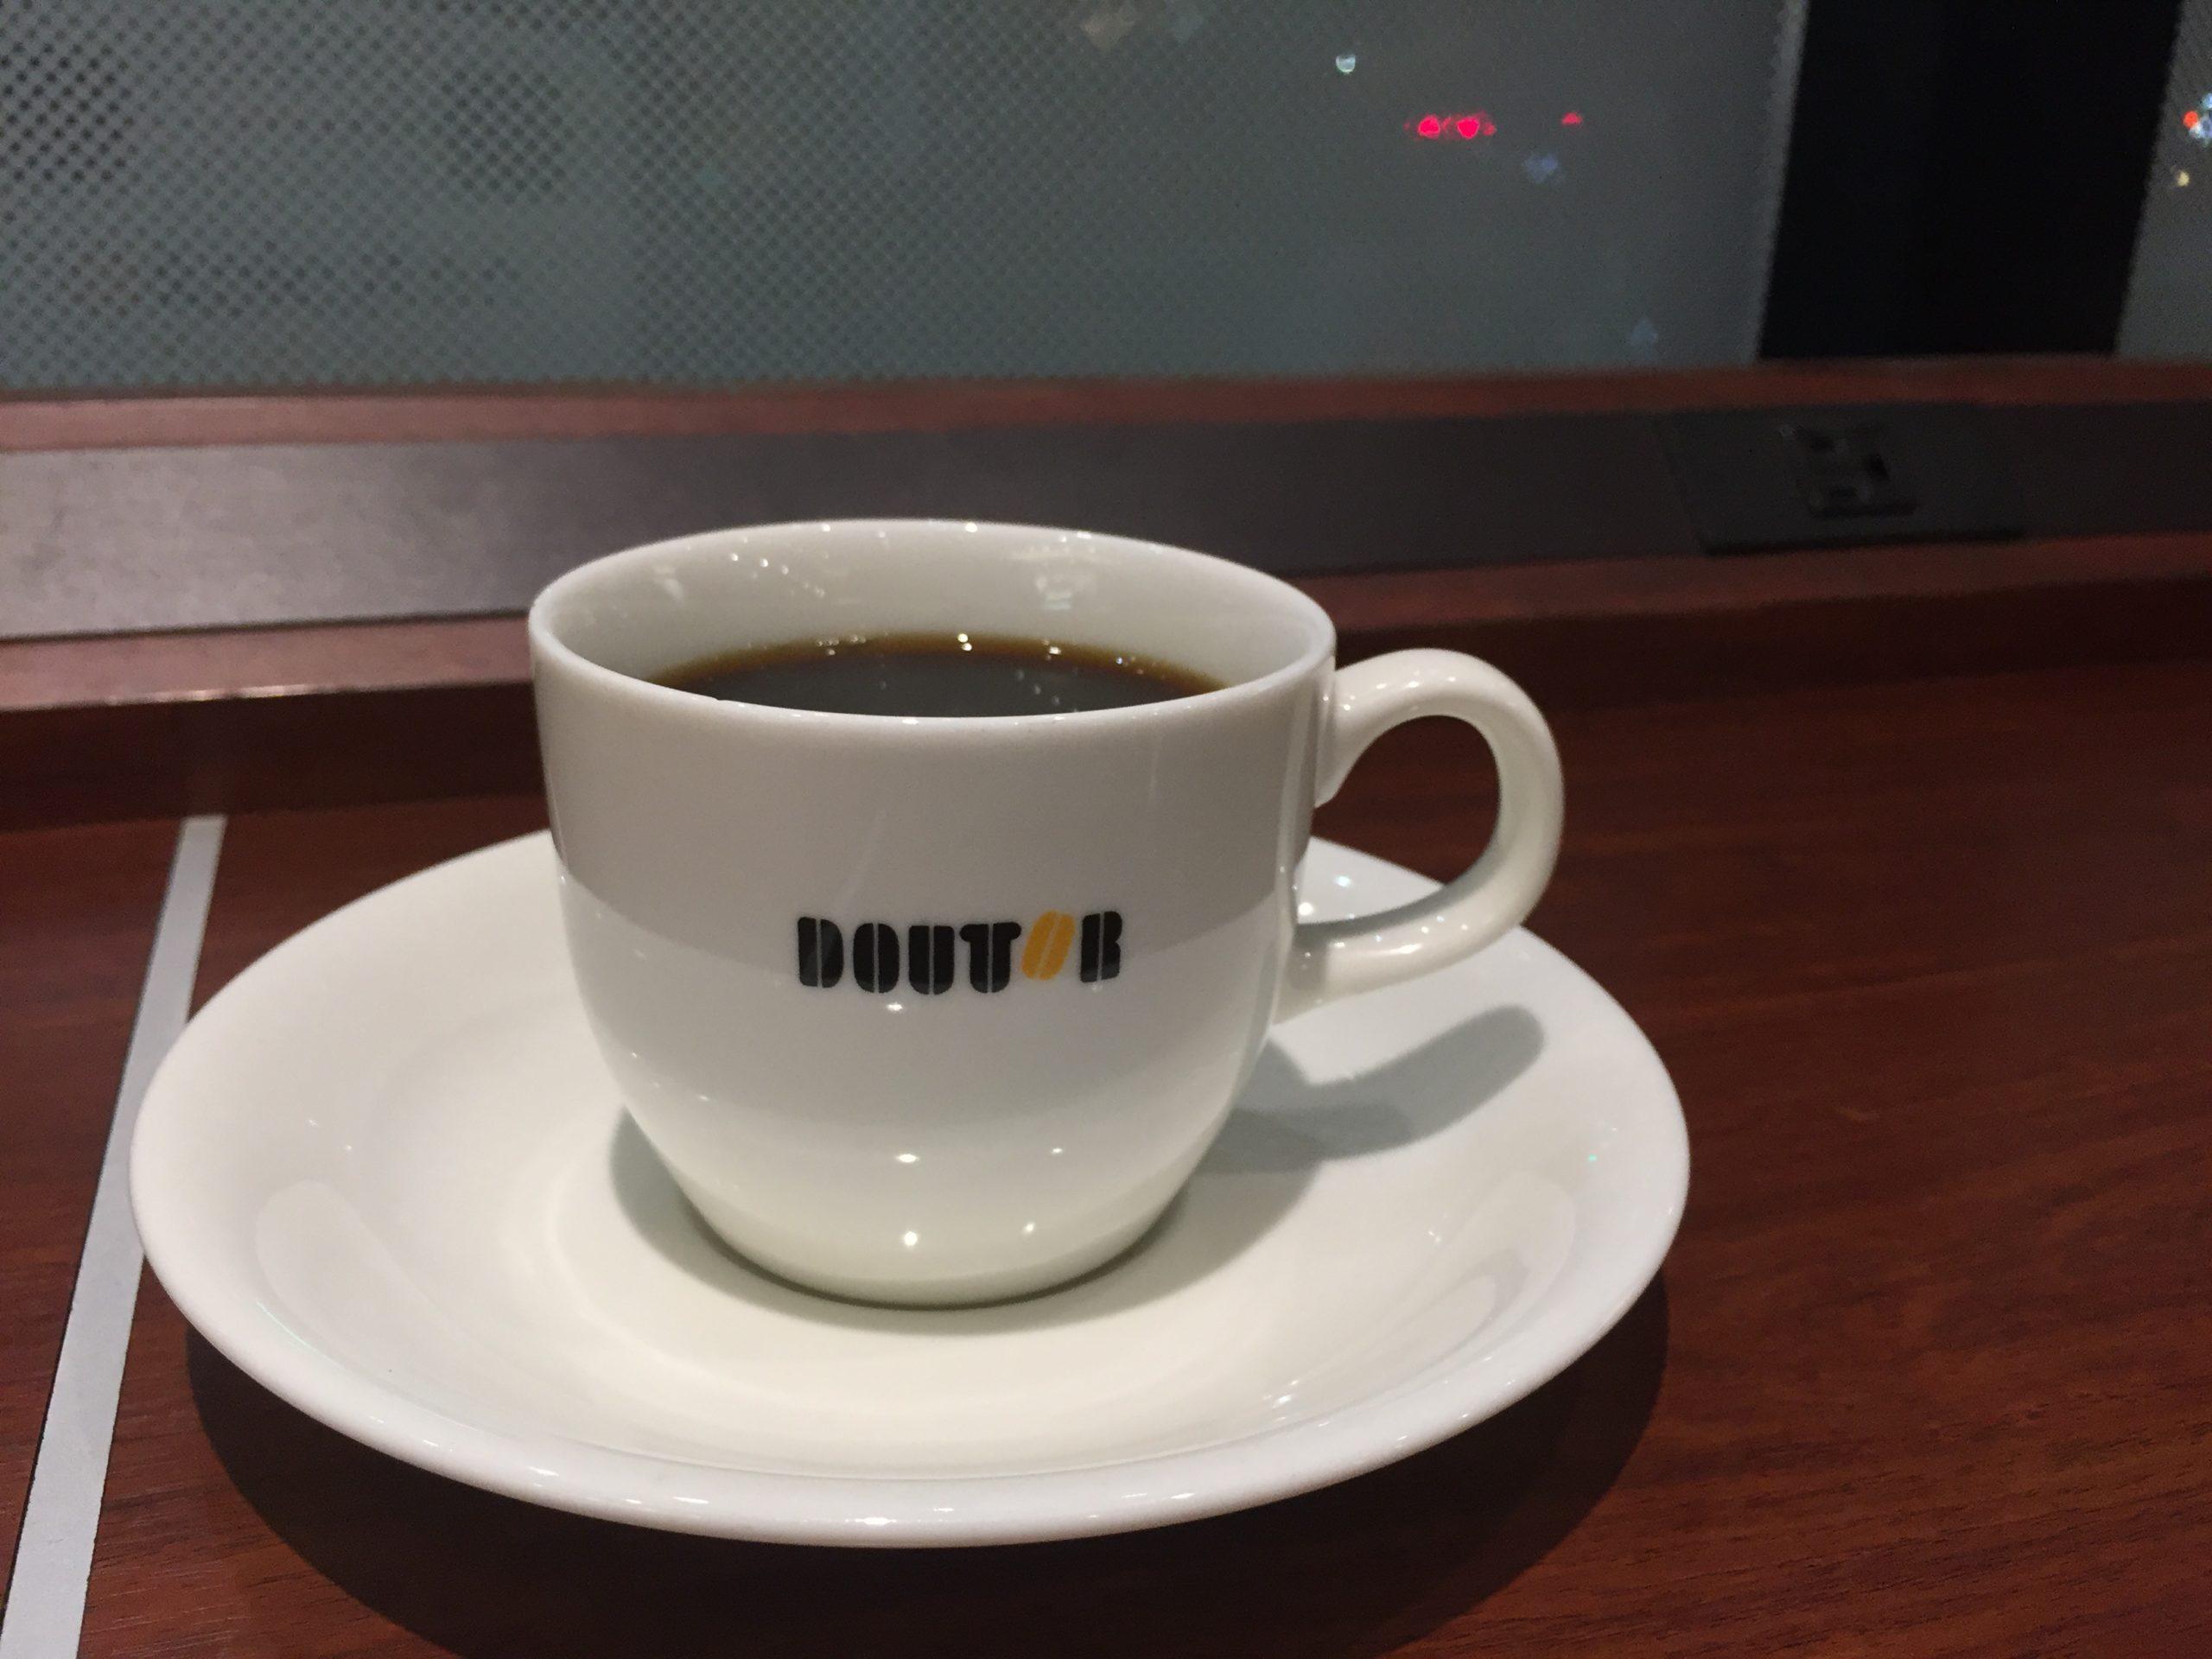 淀屋橋駅改札すぐ 電源カフェ ドトールコーヒーショップ 地下鉄淀屋橋駅店